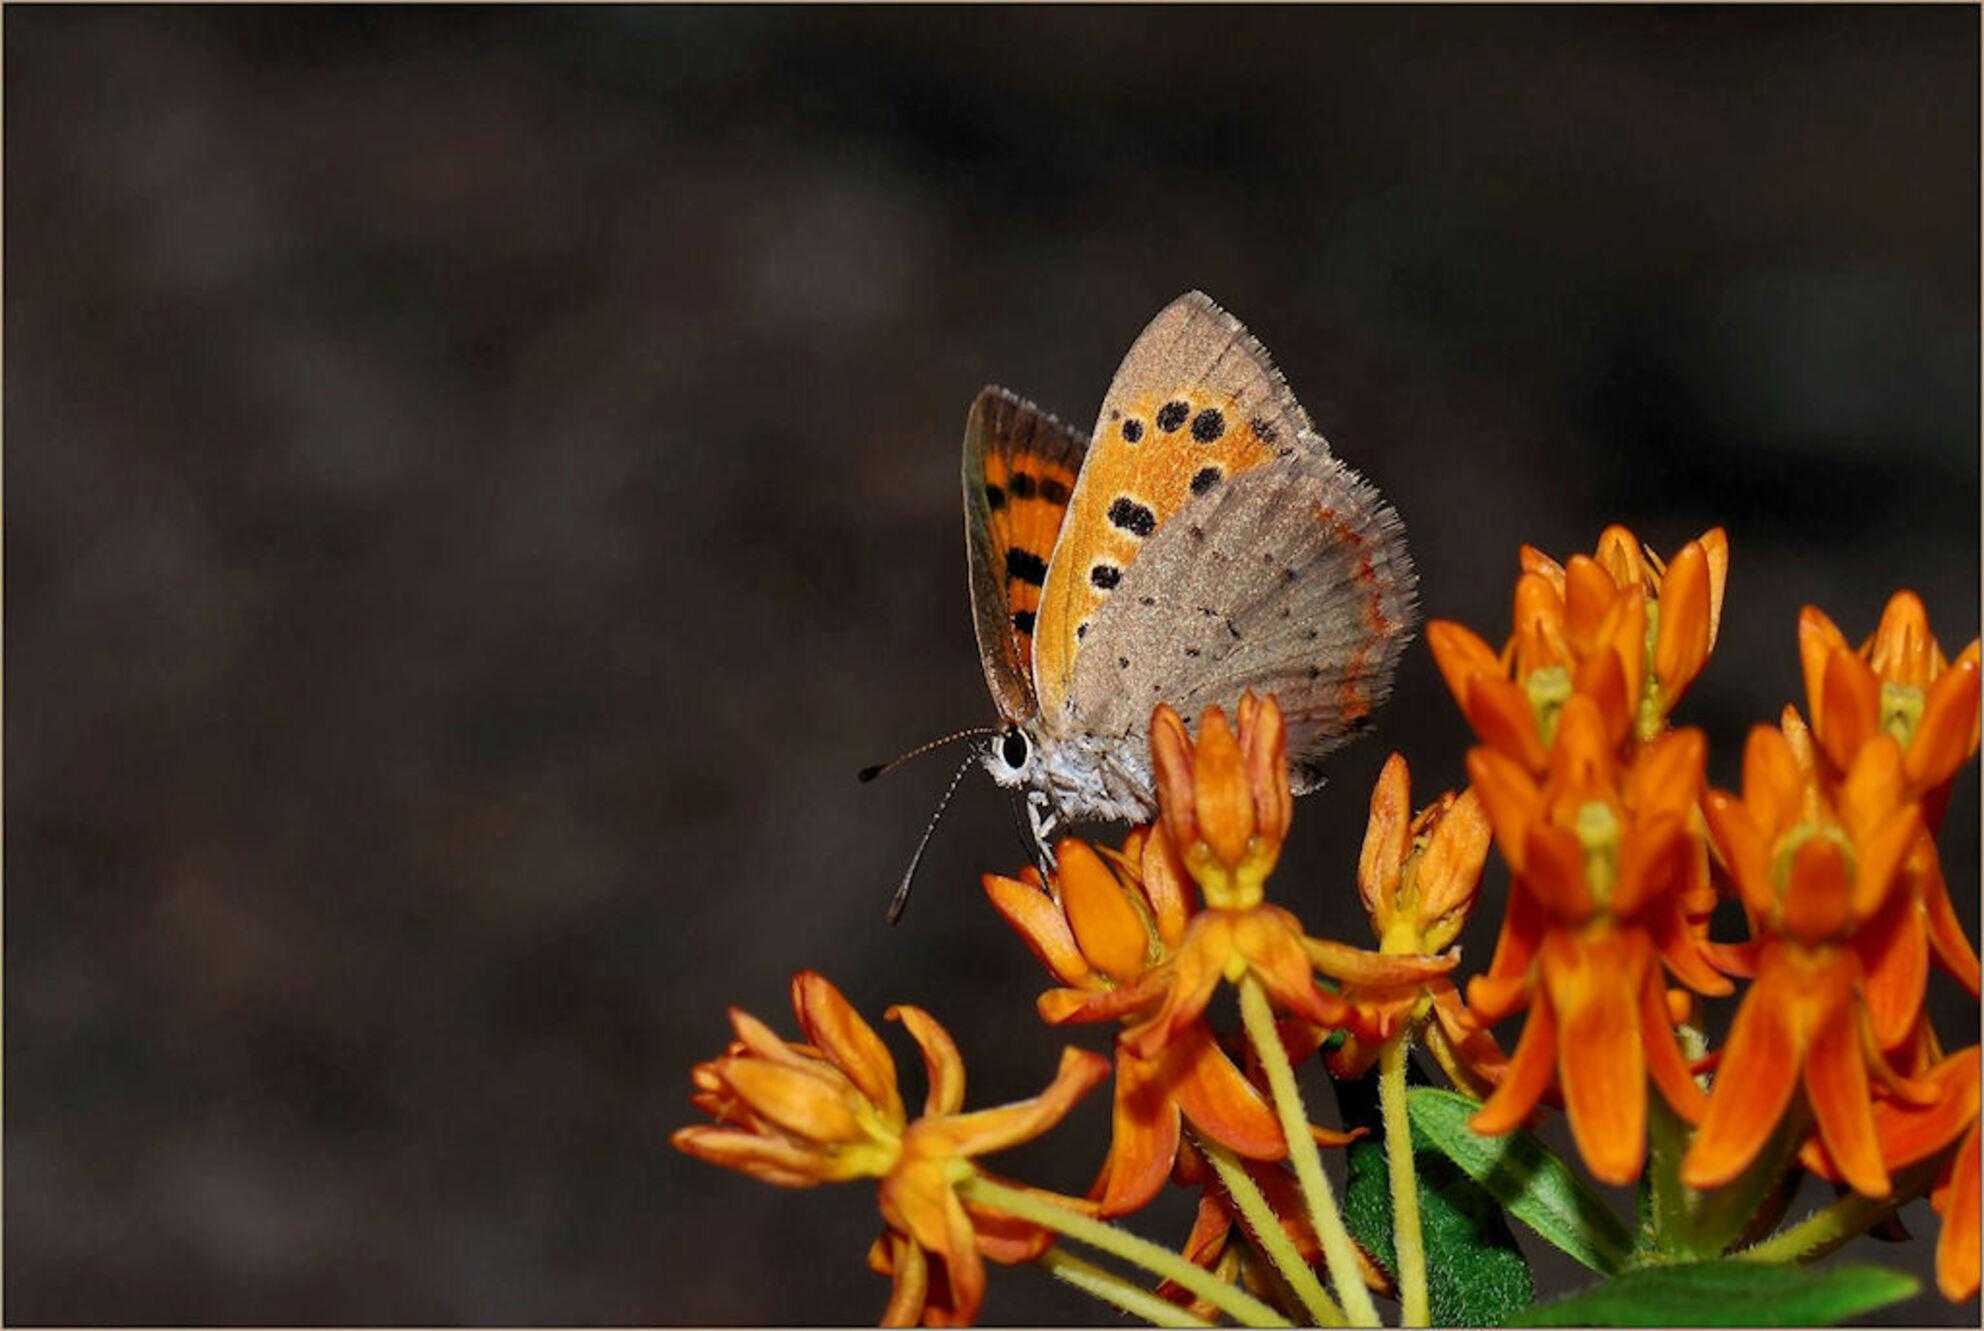 De Kleine Vuurvlinder (Lycaena phlaeas). - De Kleine Vuurvlinder (Lycaena phlaeas).  De natuur maakt altijd overal uitzonderingen op, dus ook op de regel dat blauwtjes blauw zijn. Er is zelf - foto door Jacquelineimaging op 07-07-2009 - deze foto bevat: macro, vlinder, vuurvlinder, micro, insekt, closeup, nikond80, kleinevuurvlinder, nikon105mmvrmicrolens, Lycaenaphlaeas